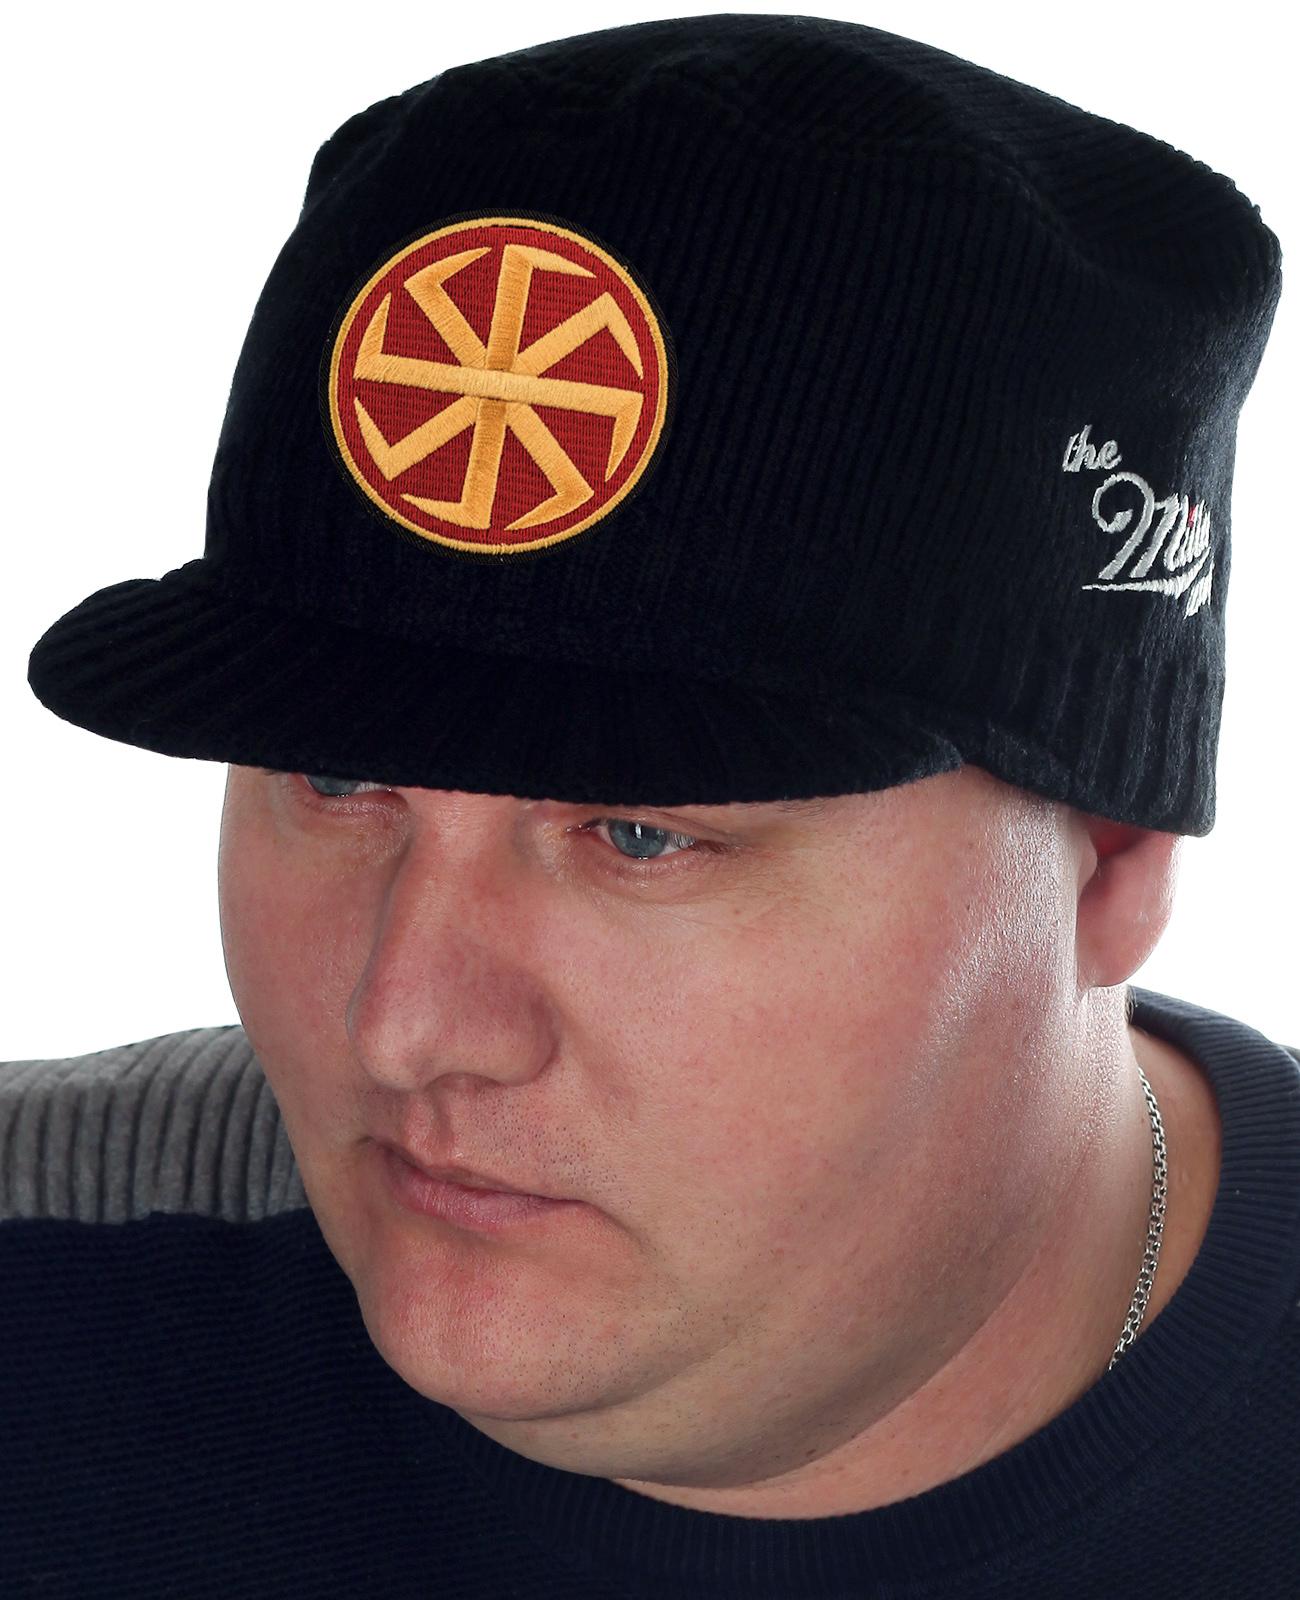 Эффектная мужская шапка-кепка Miller Way с главным славянским символом-оберегом – Коловратом. Будь стильным и представительным, не тратя огромных сумм